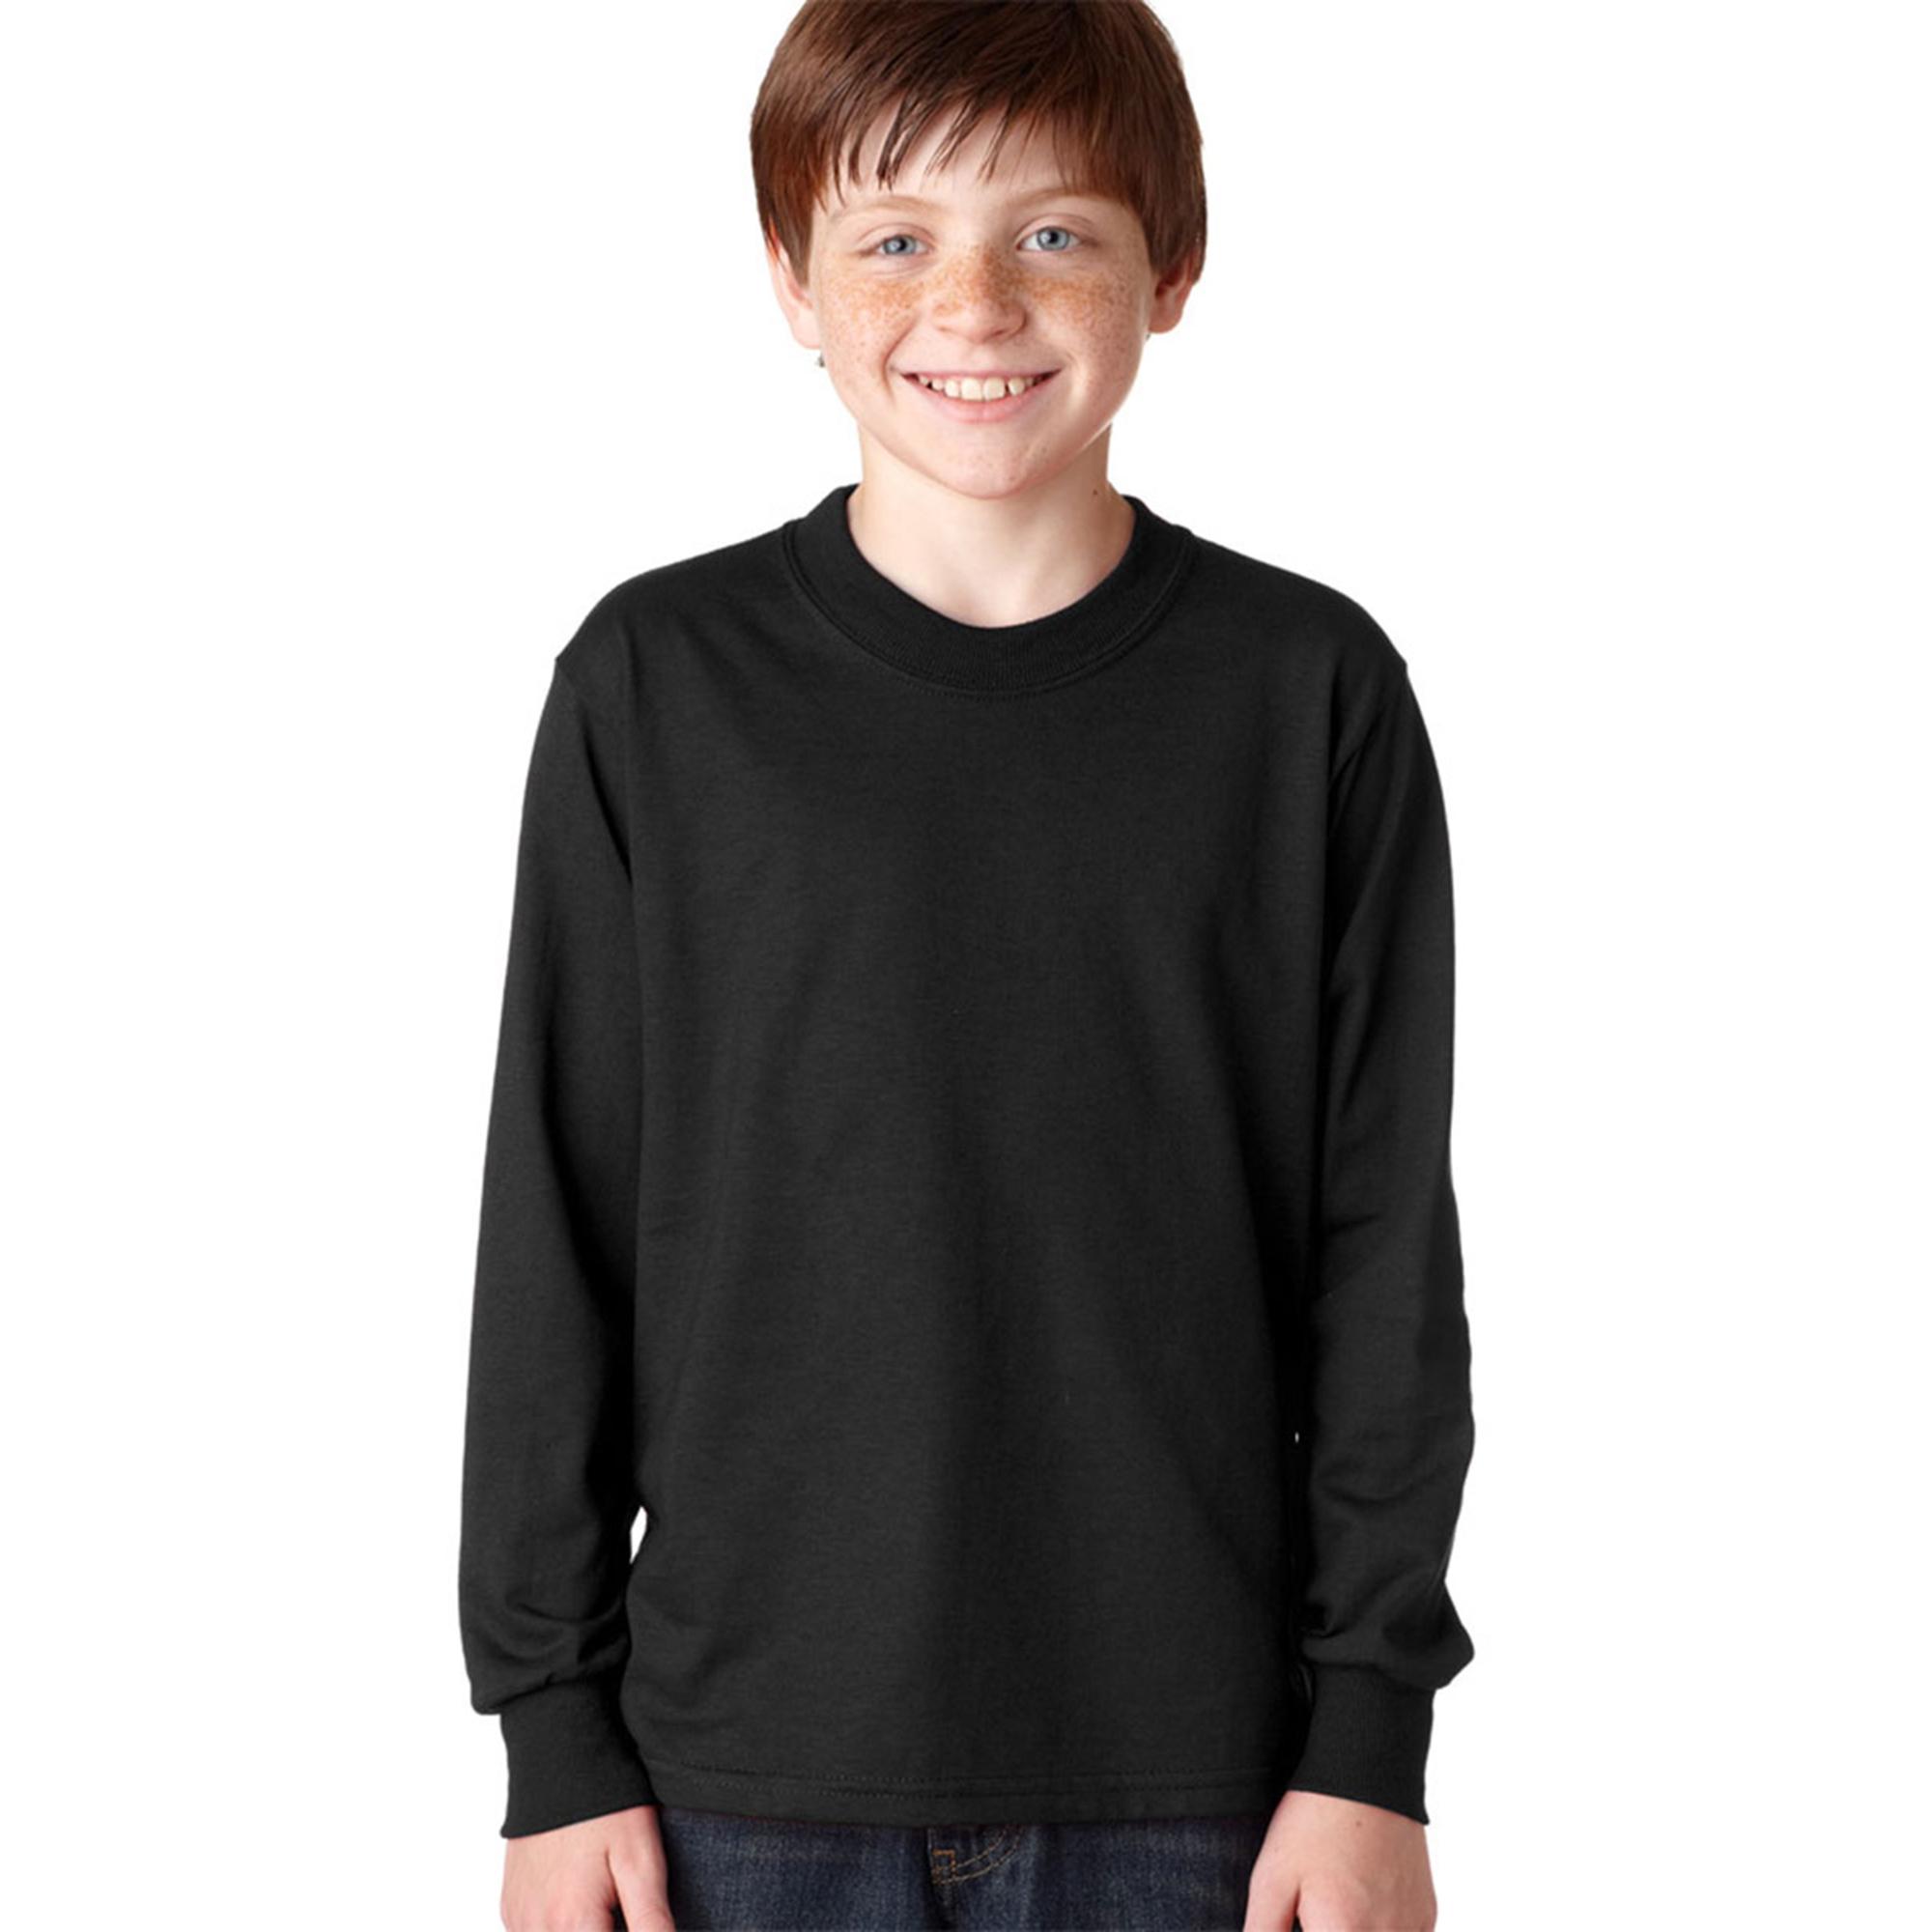 Jerzees 29BL Boy's Heavyweight Long Sleeve Blend T-Shirt at Sears.com